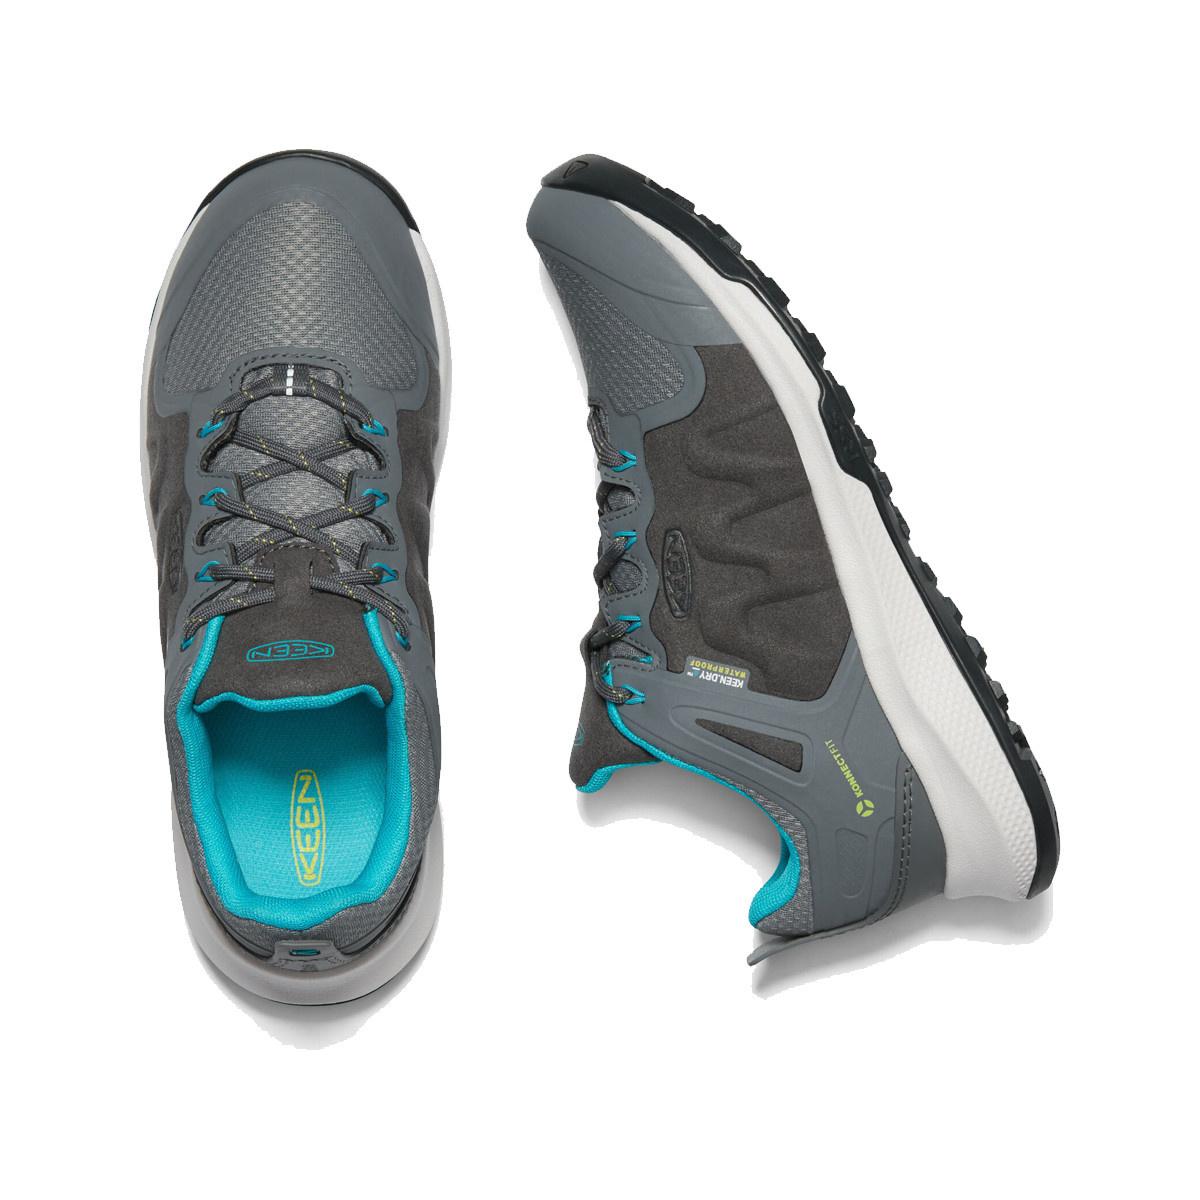 Keen Footwear Keen Women's Explore WP-W Steel/Turquoise